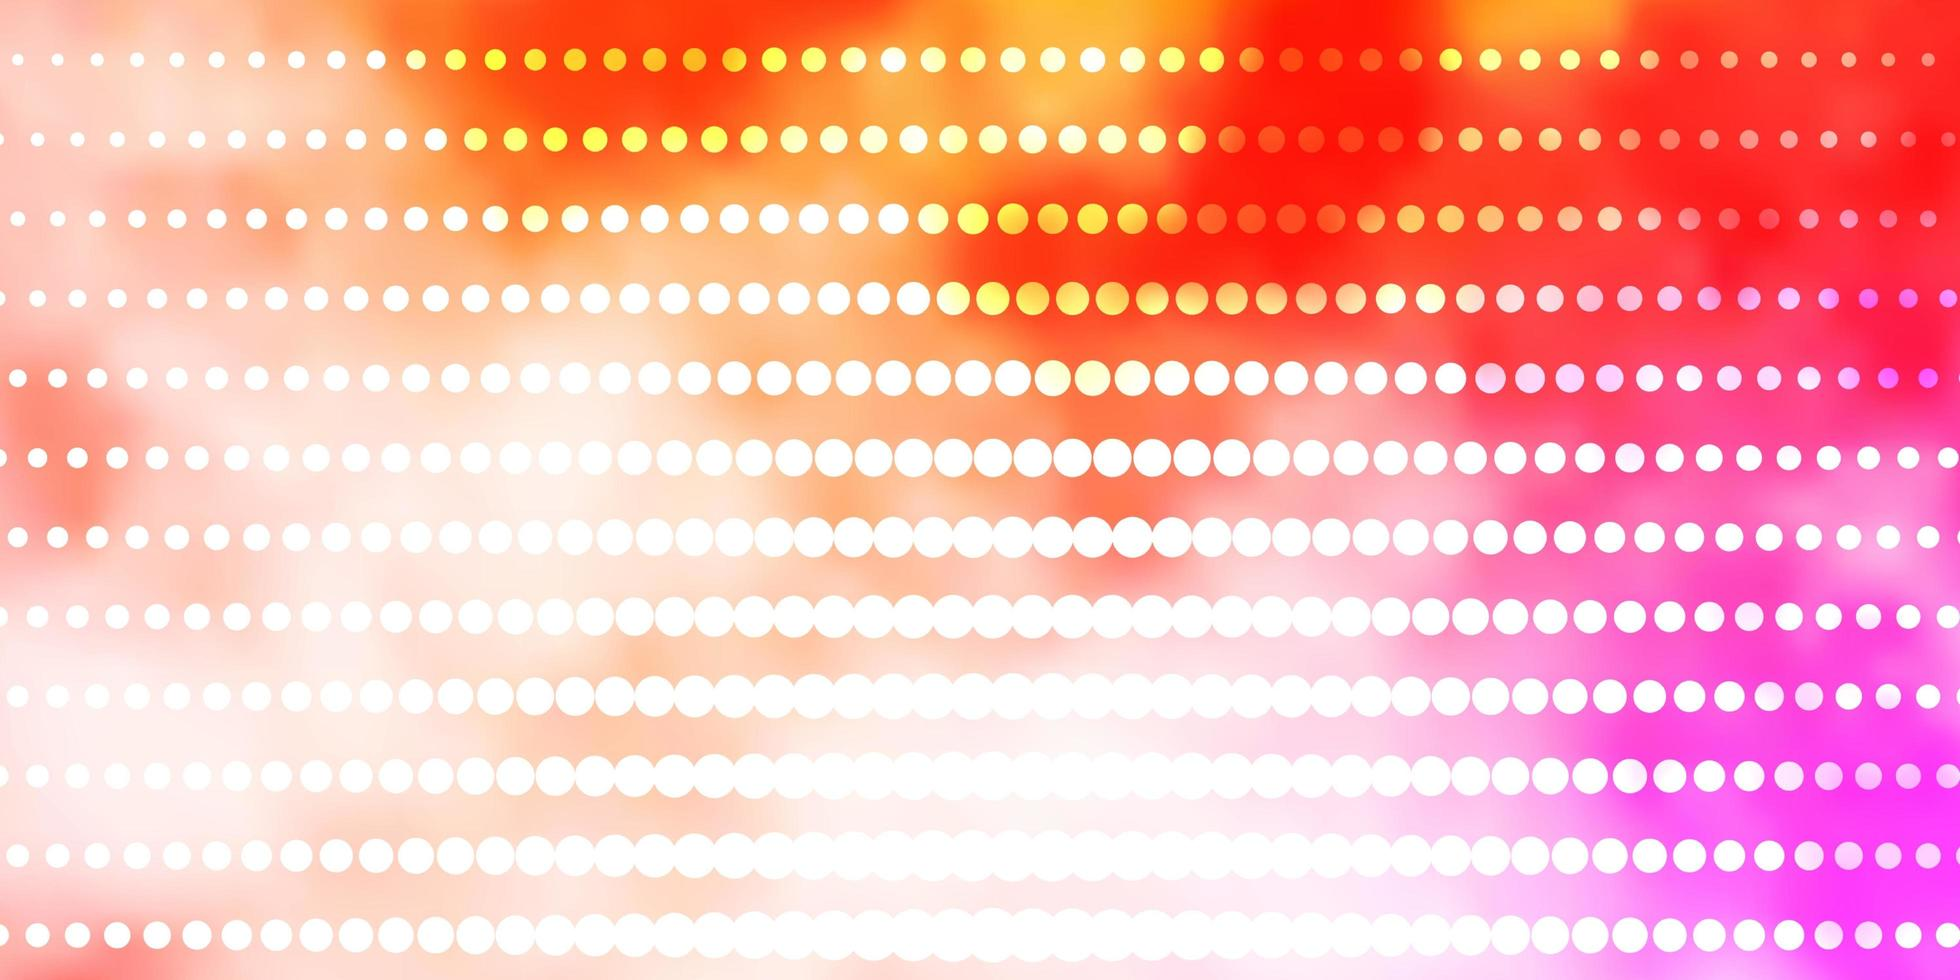 ljusrosa, gul vektorbakgrund med cirklar. vektor